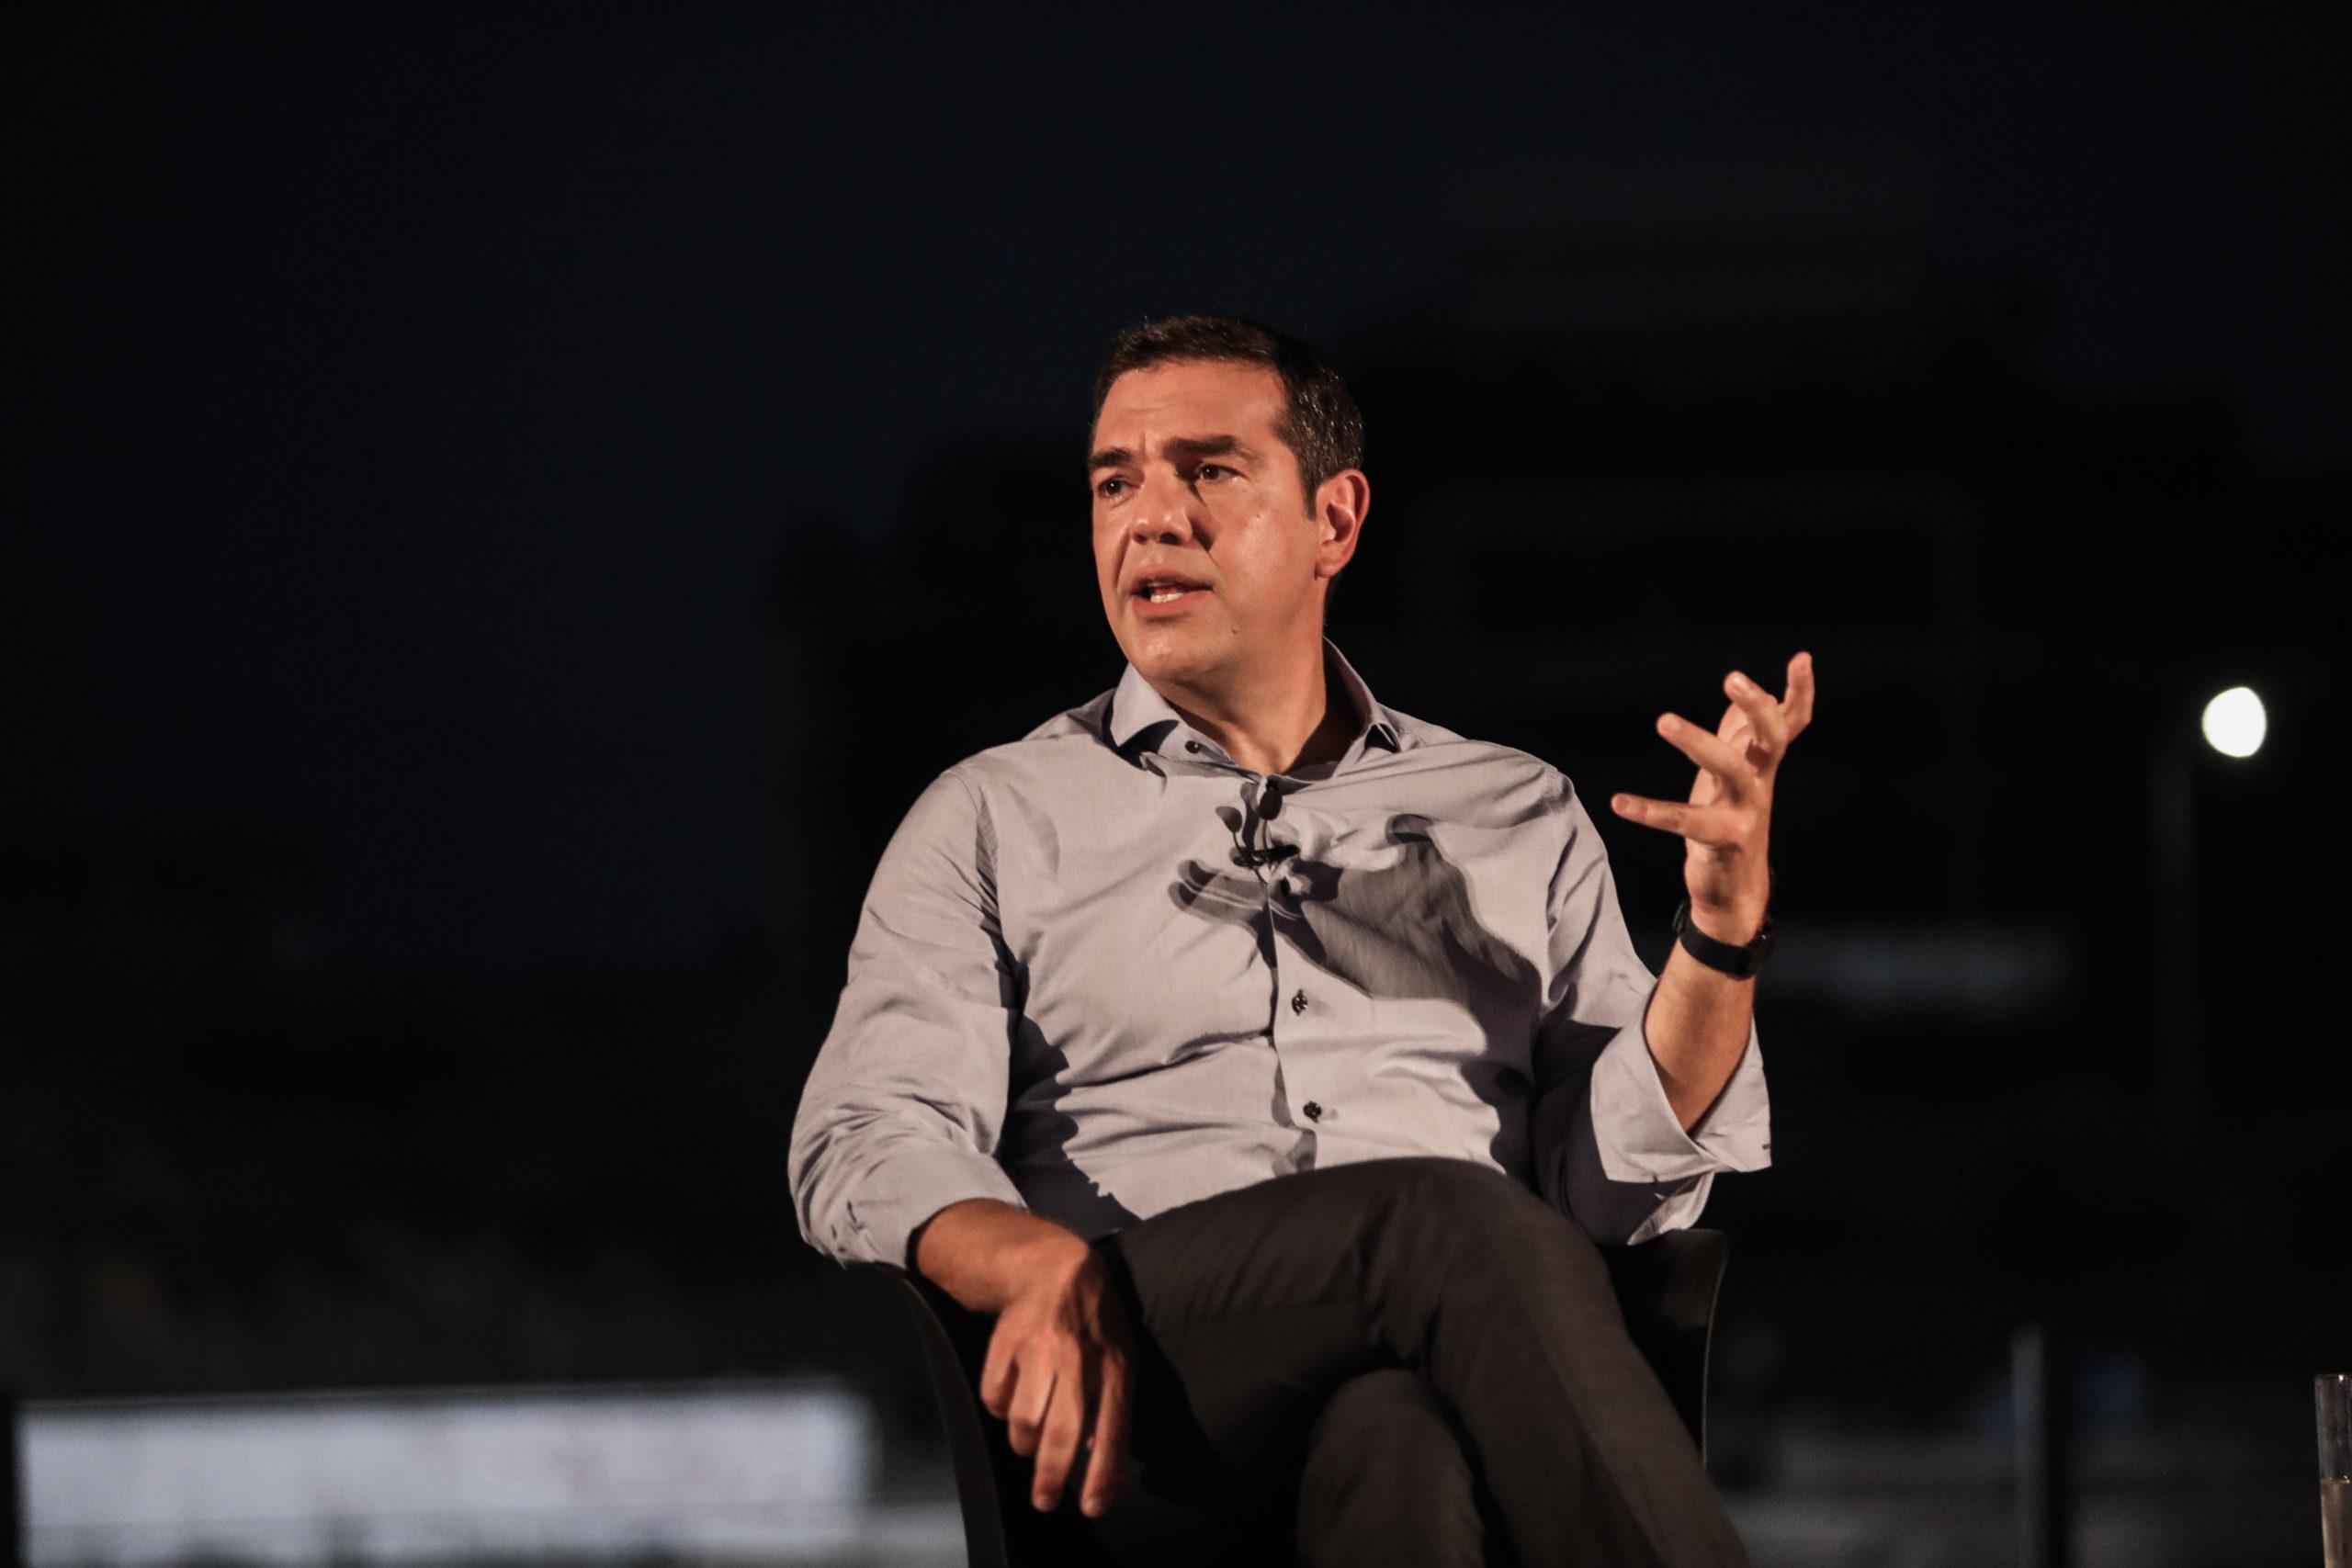 Αλ. Τσίπρας: «Εγκληματική και ανεύθυνη η στάση της κυβέρνησης»